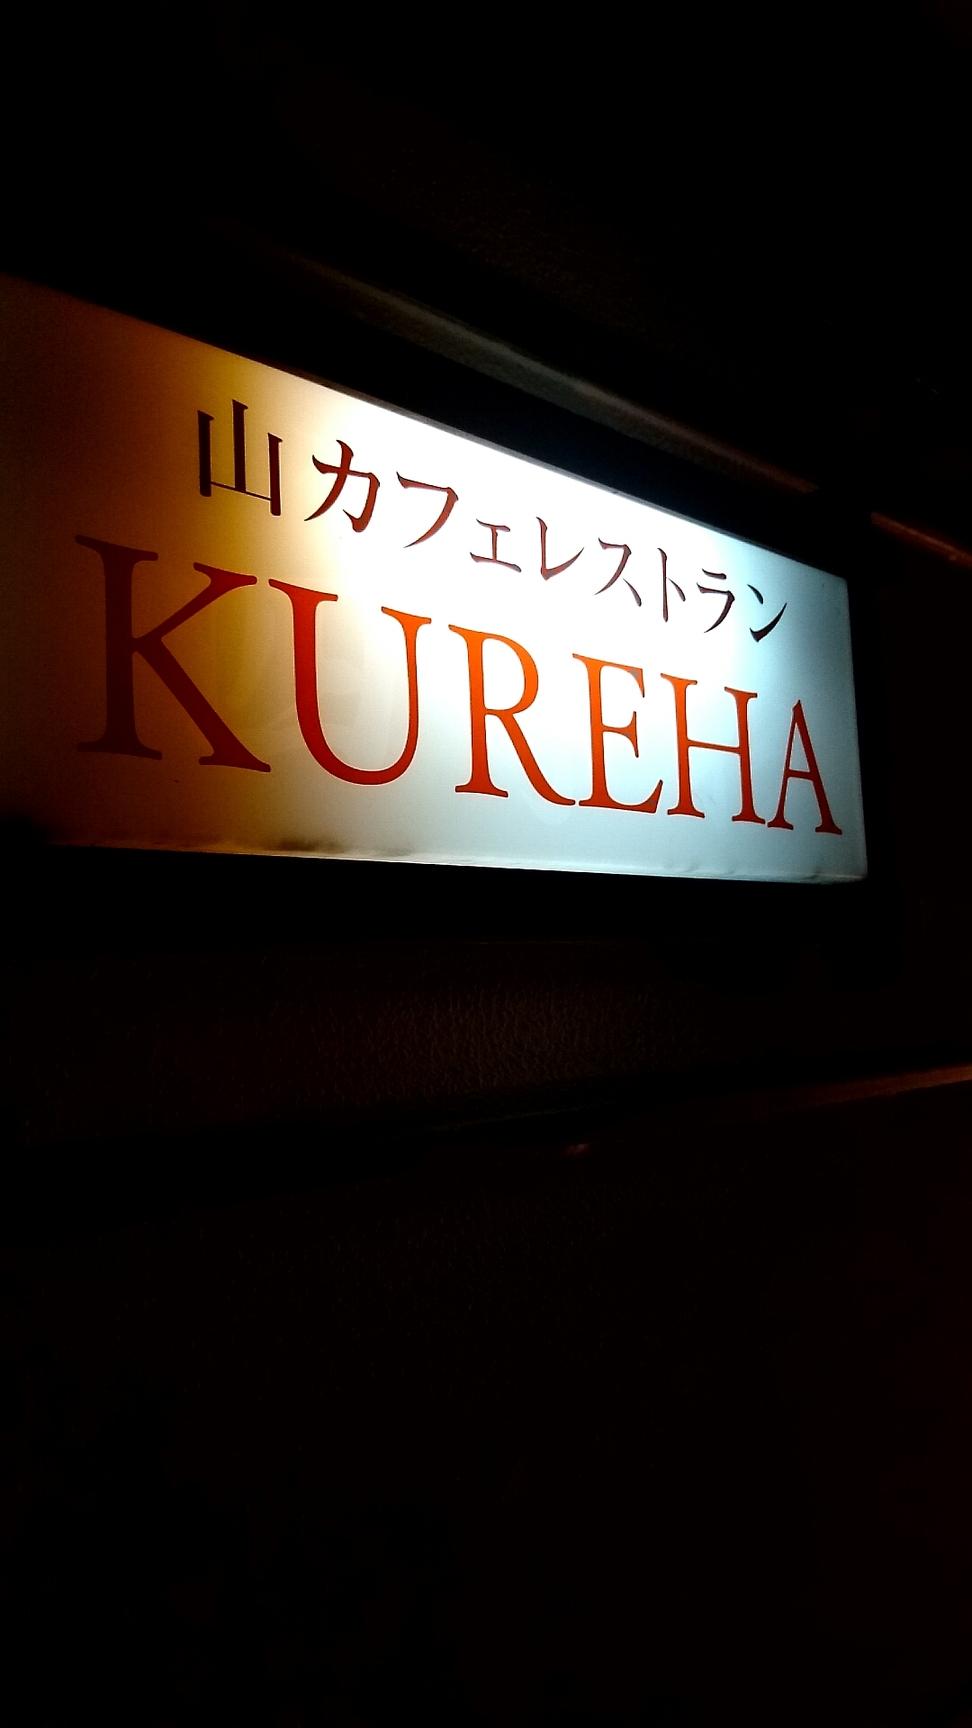 �R�J�t�F���X�g���� KUREHA